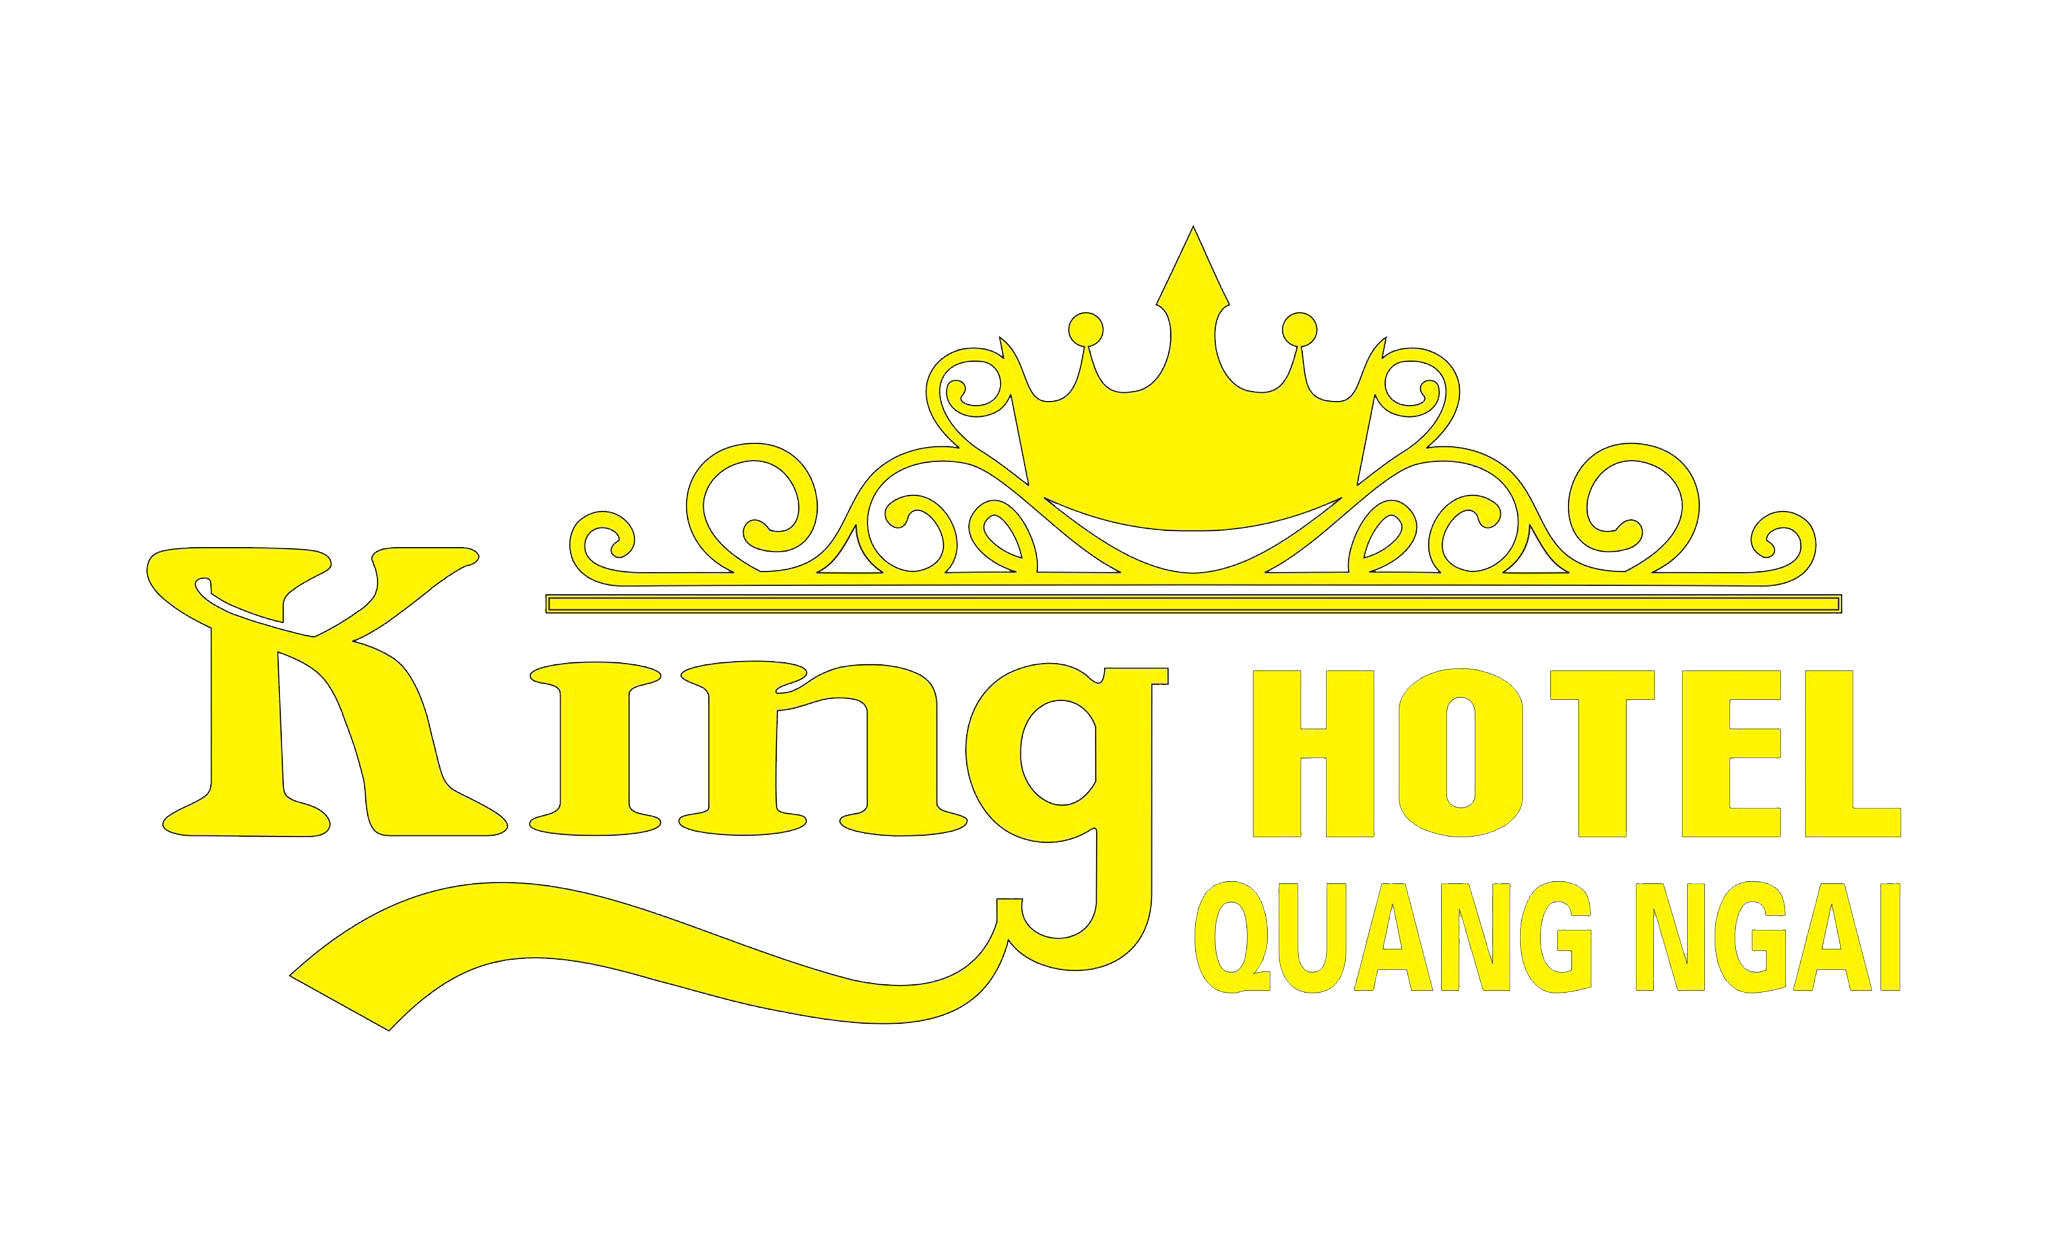 King Hotel | Khách sạn chất lượng nhất Quảng Ngãi